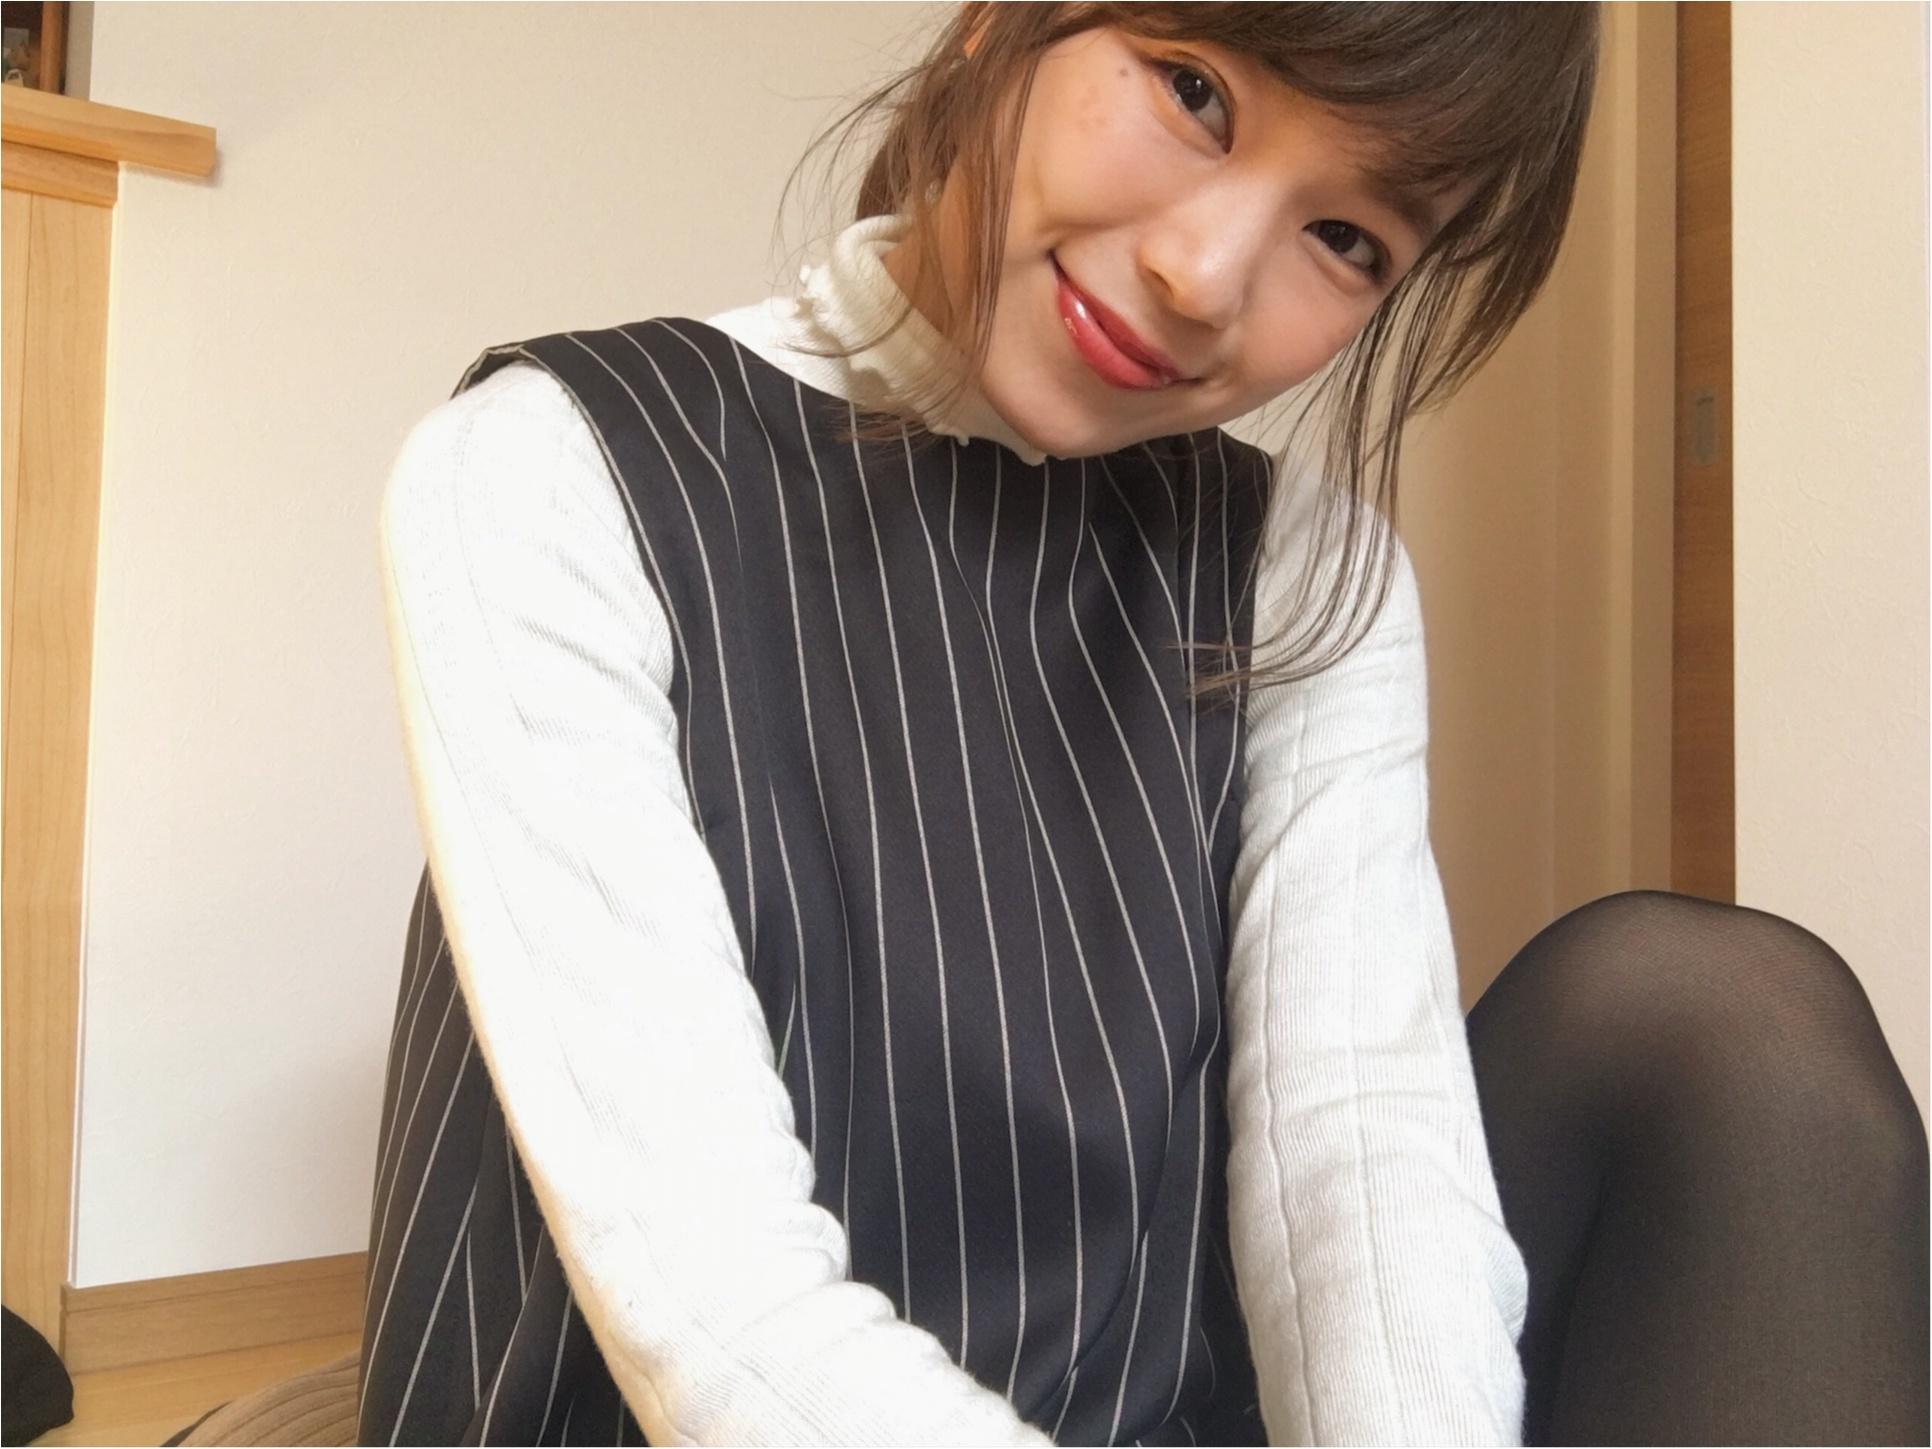 ★【DHOLIC】ハイネックリブTシャツをON・OFFで着回し!コーデ2パターンご紹介❤️_5